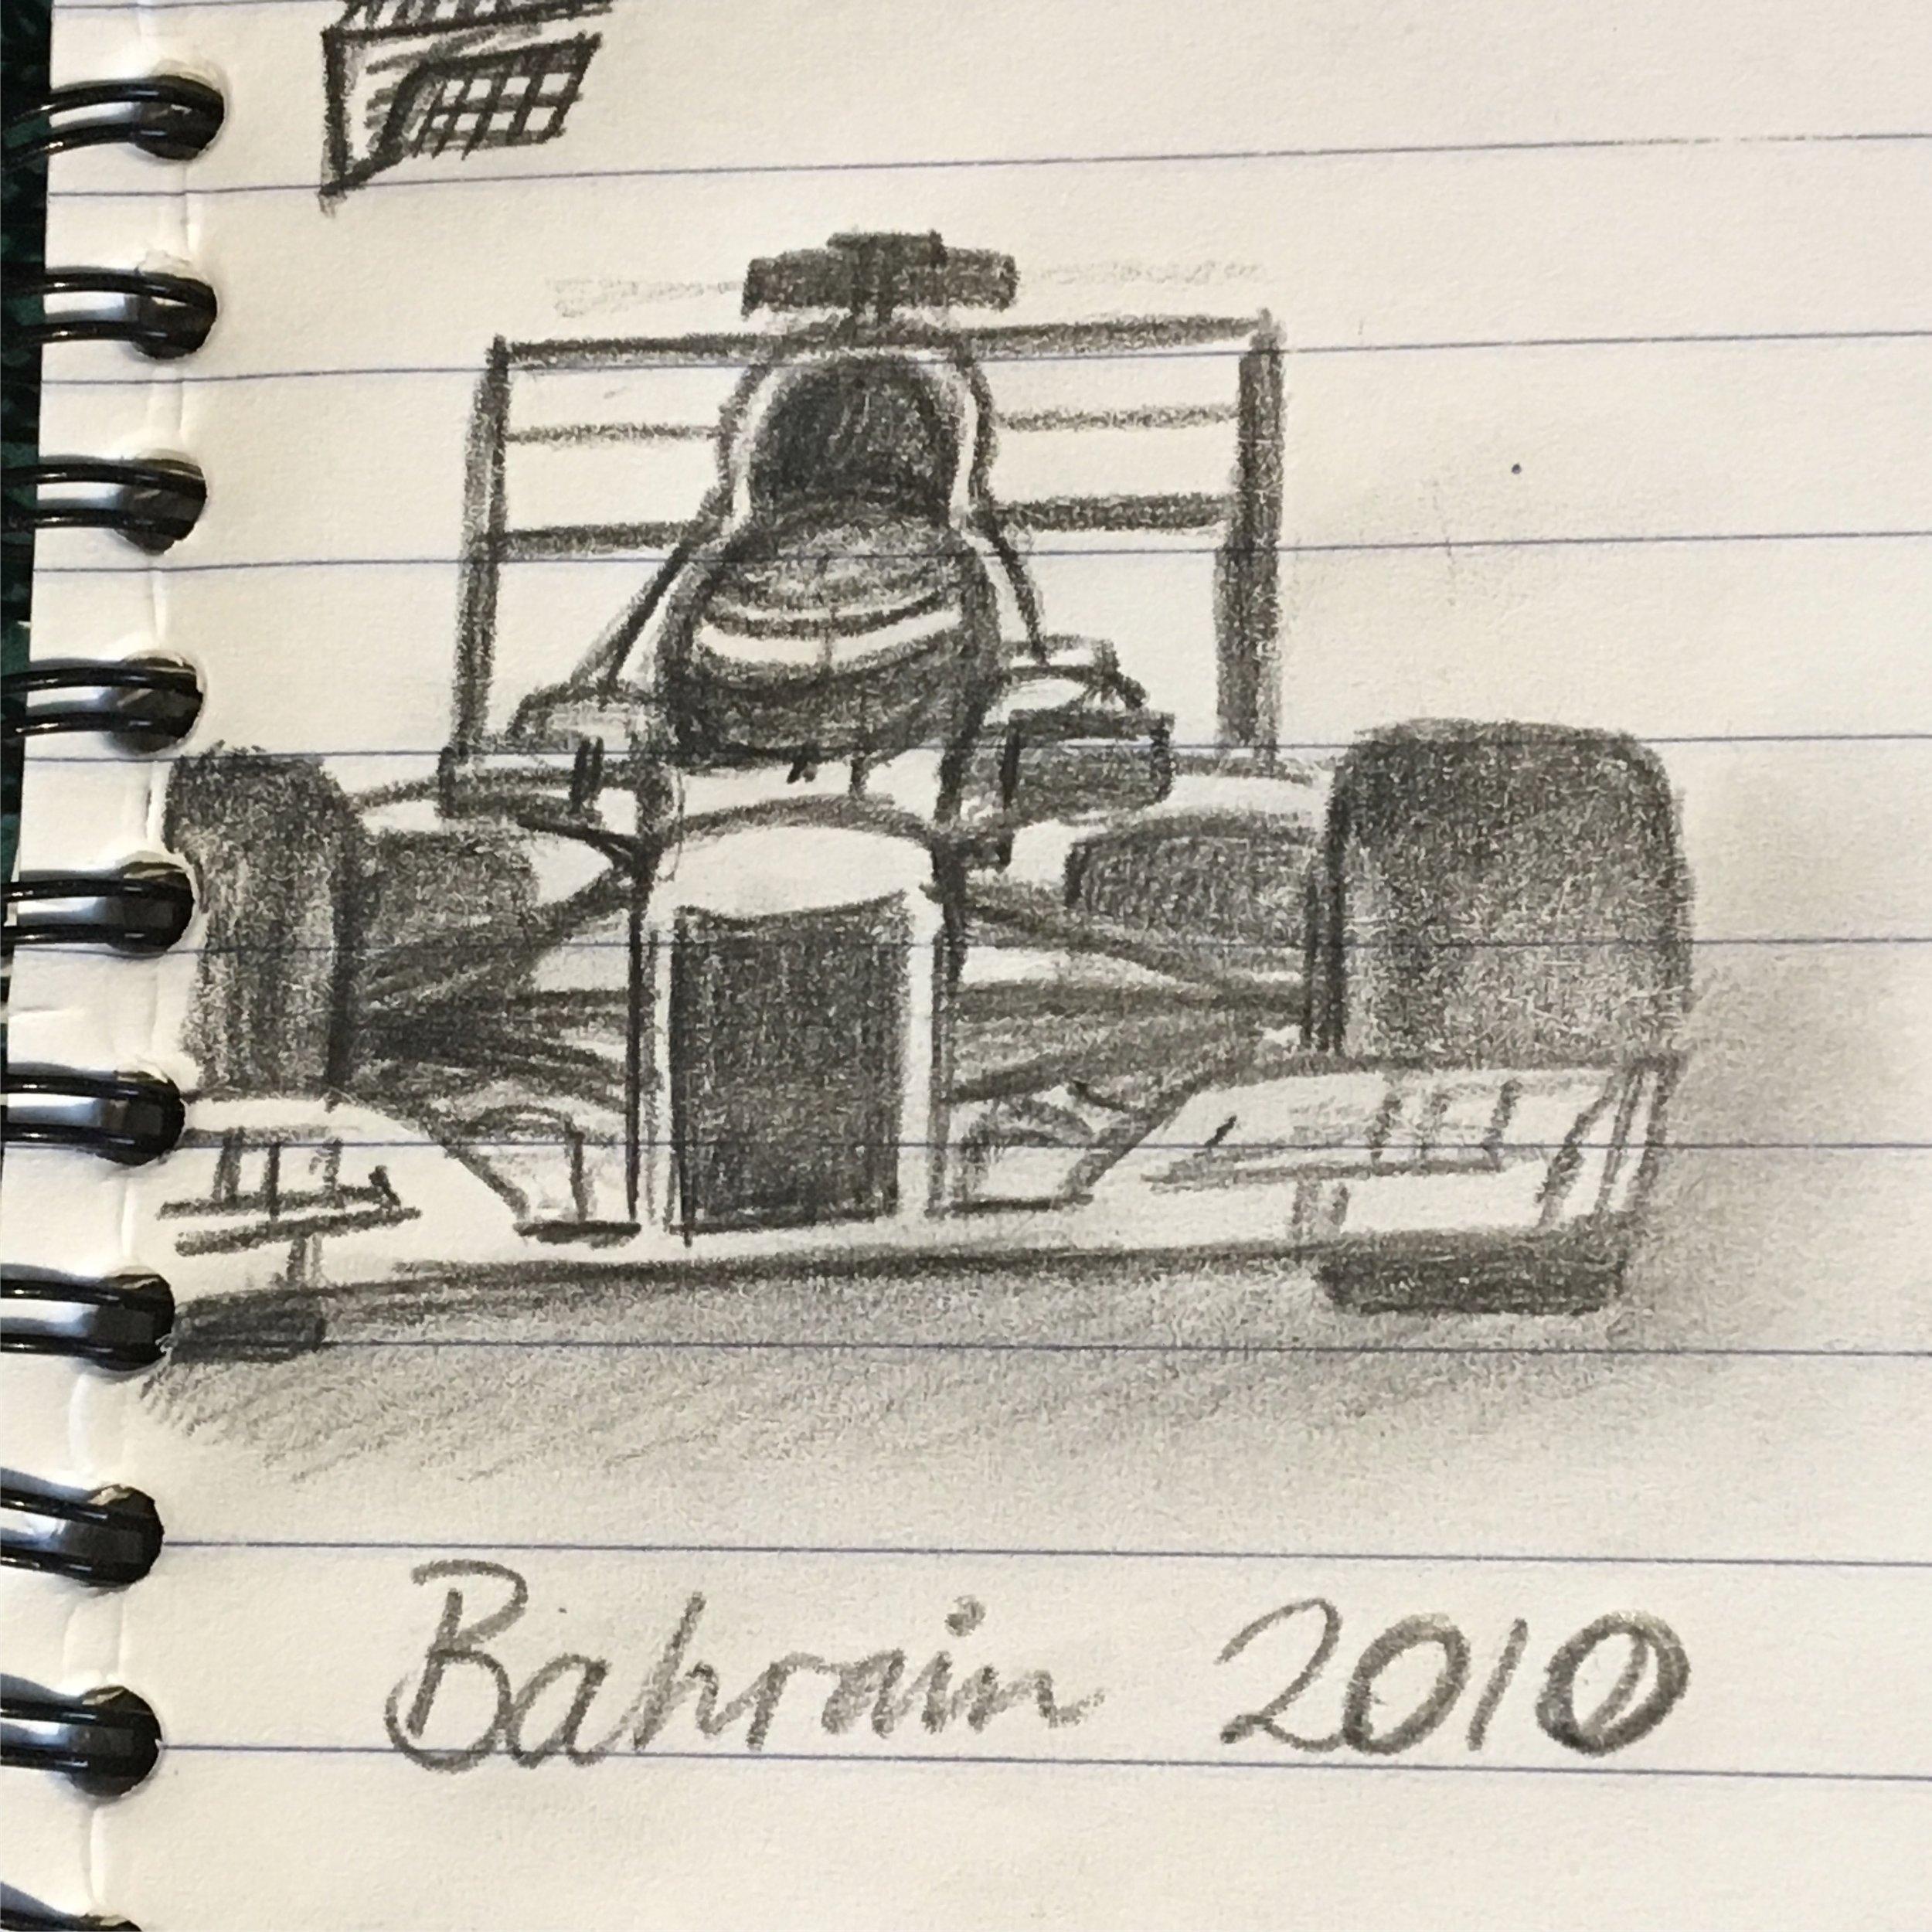 2010 Formula 1 Car